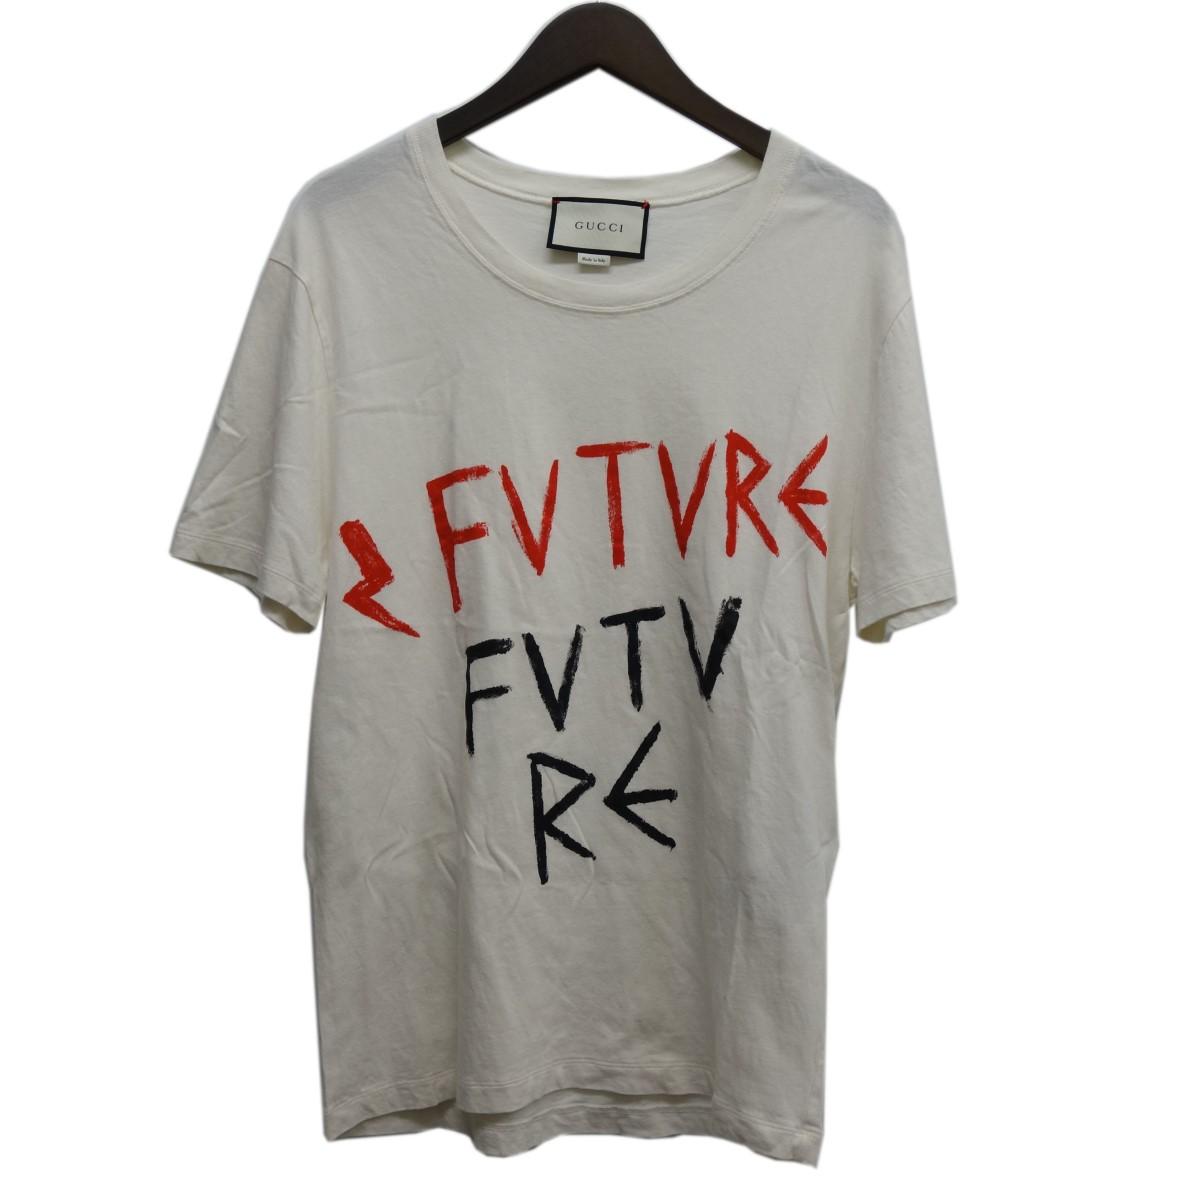 【中古】GUCCI プリントTシャツ ホワイト サイズ:S 【030420】(グッチ)